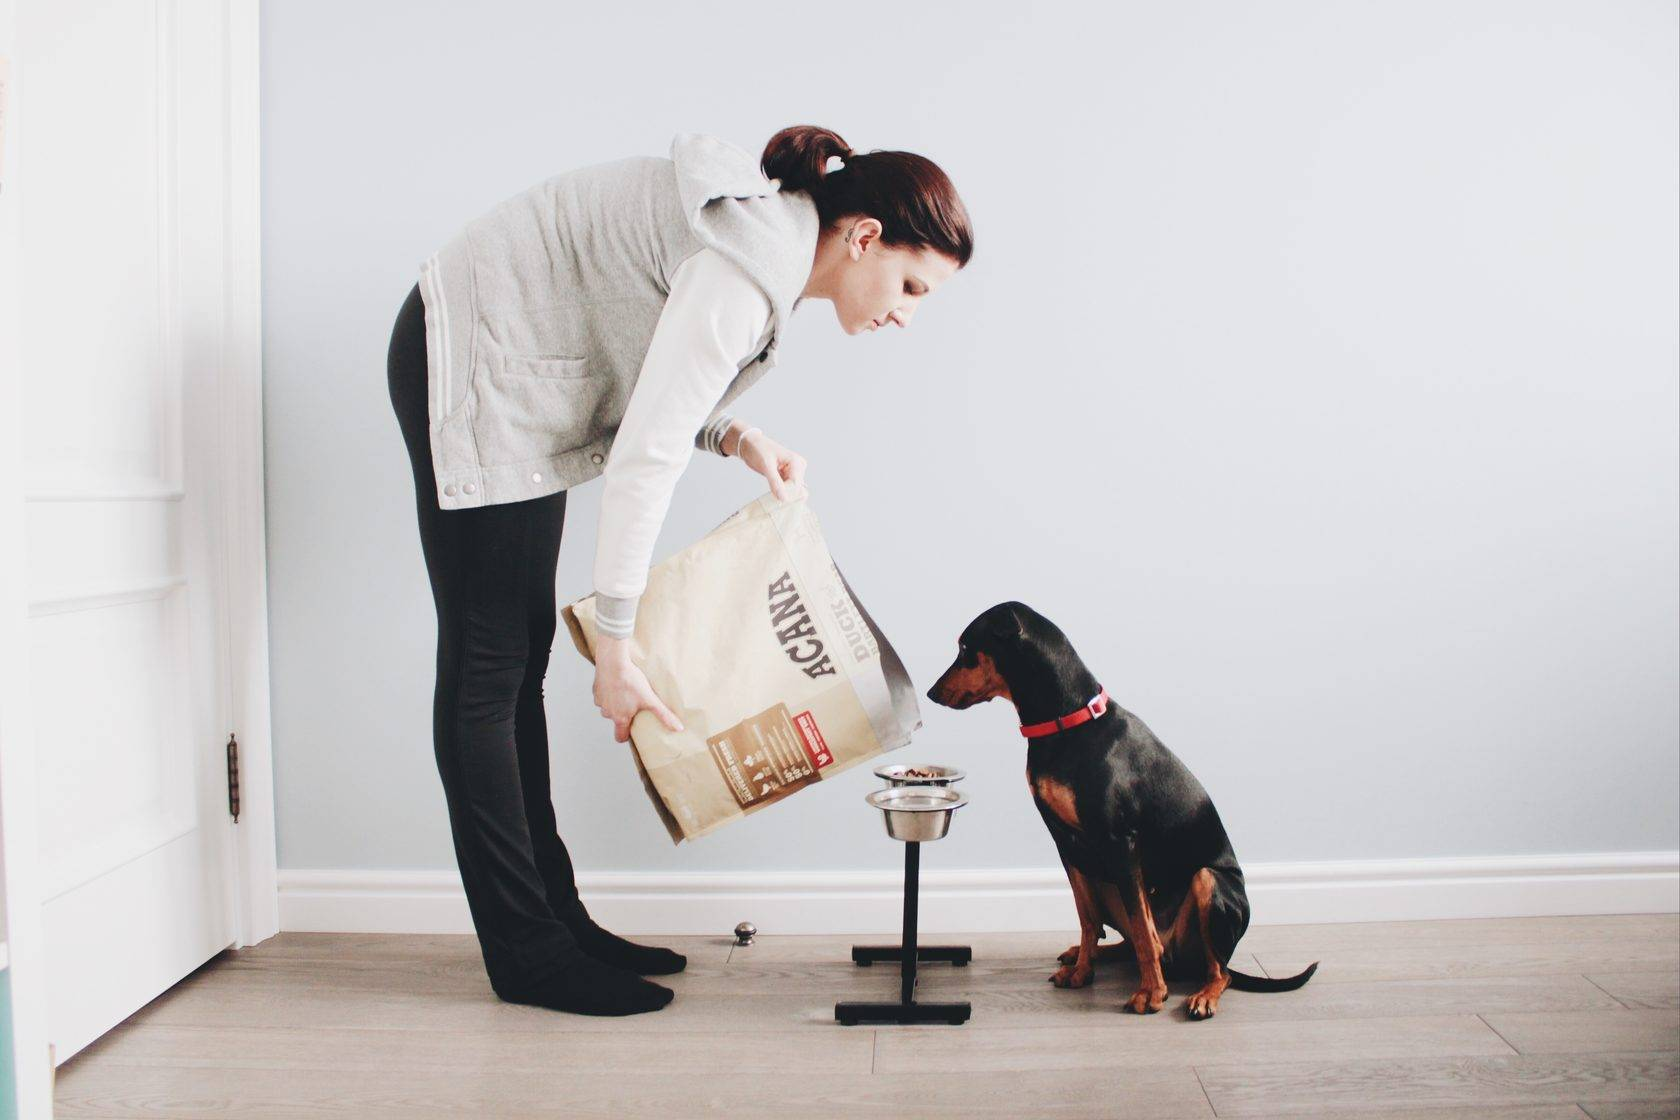 Ошибки при дрессировке собак и способы их исправить